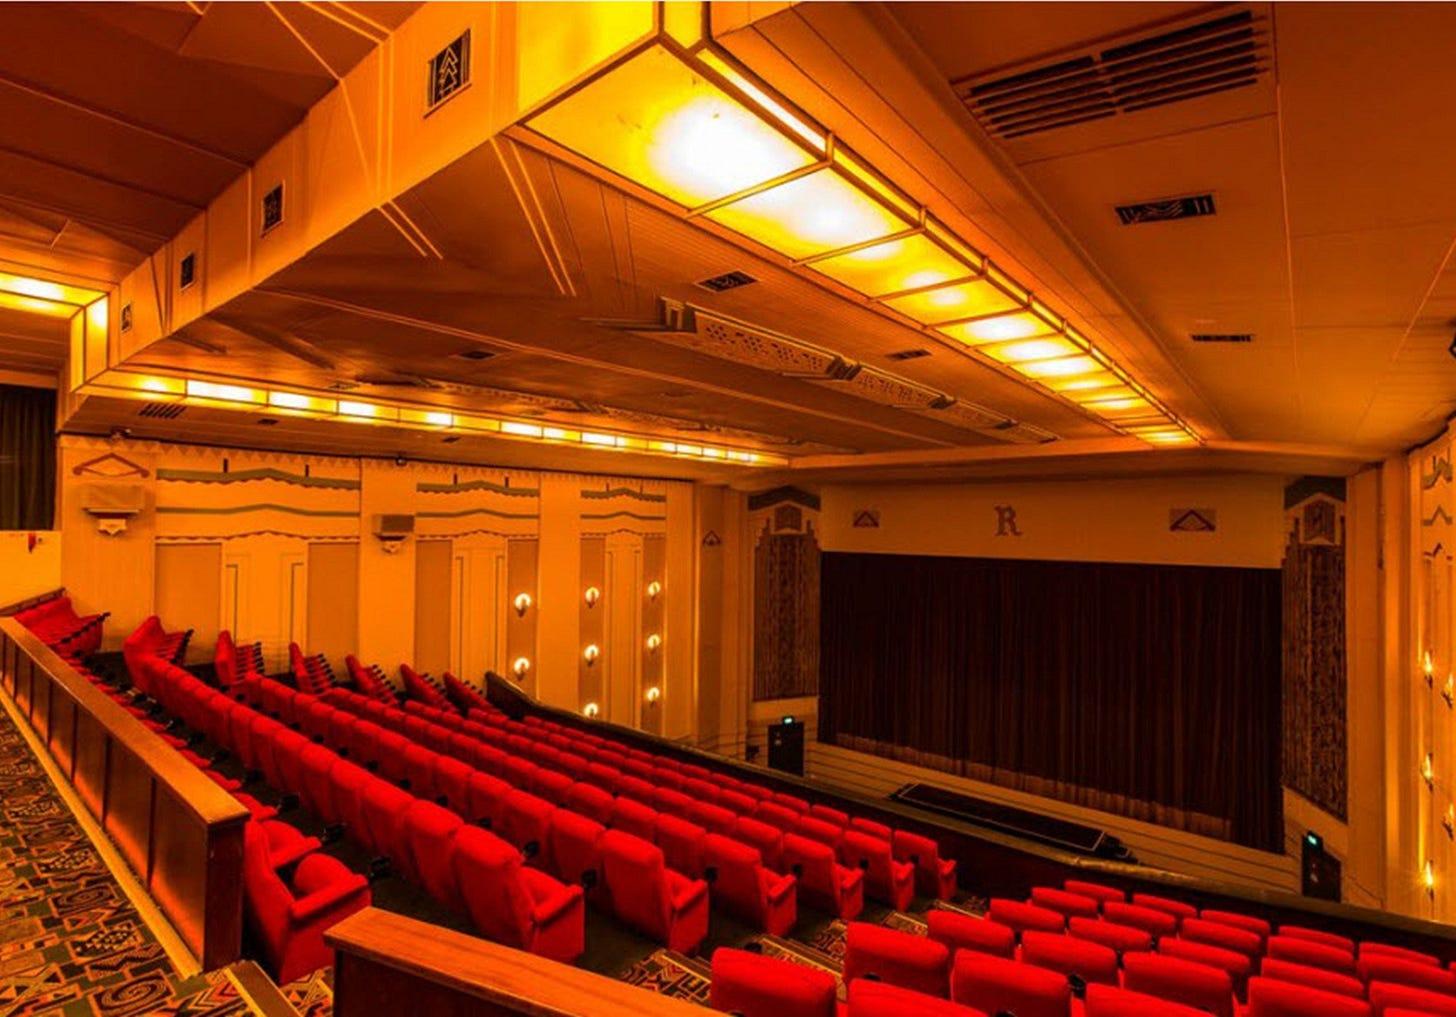 Image result for ritz cinema sydney